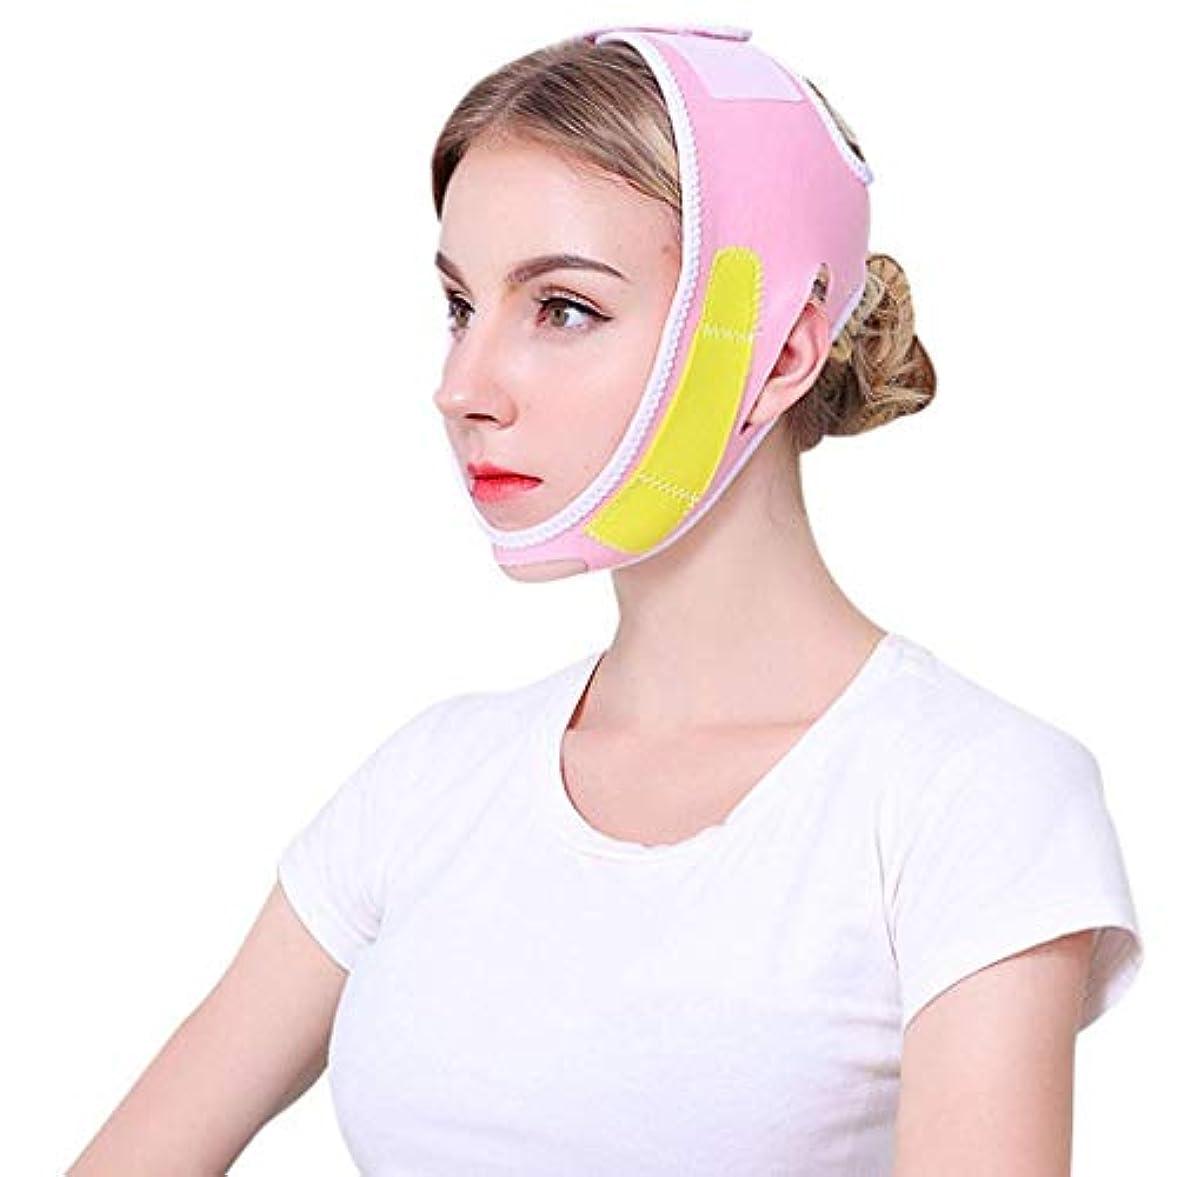 帝国キリンキャメルHUYYA 女性の顔を持ち上げるベルト、Vライン頬 しわ防止包帯 二重あごの減量顔,Yellow_Large